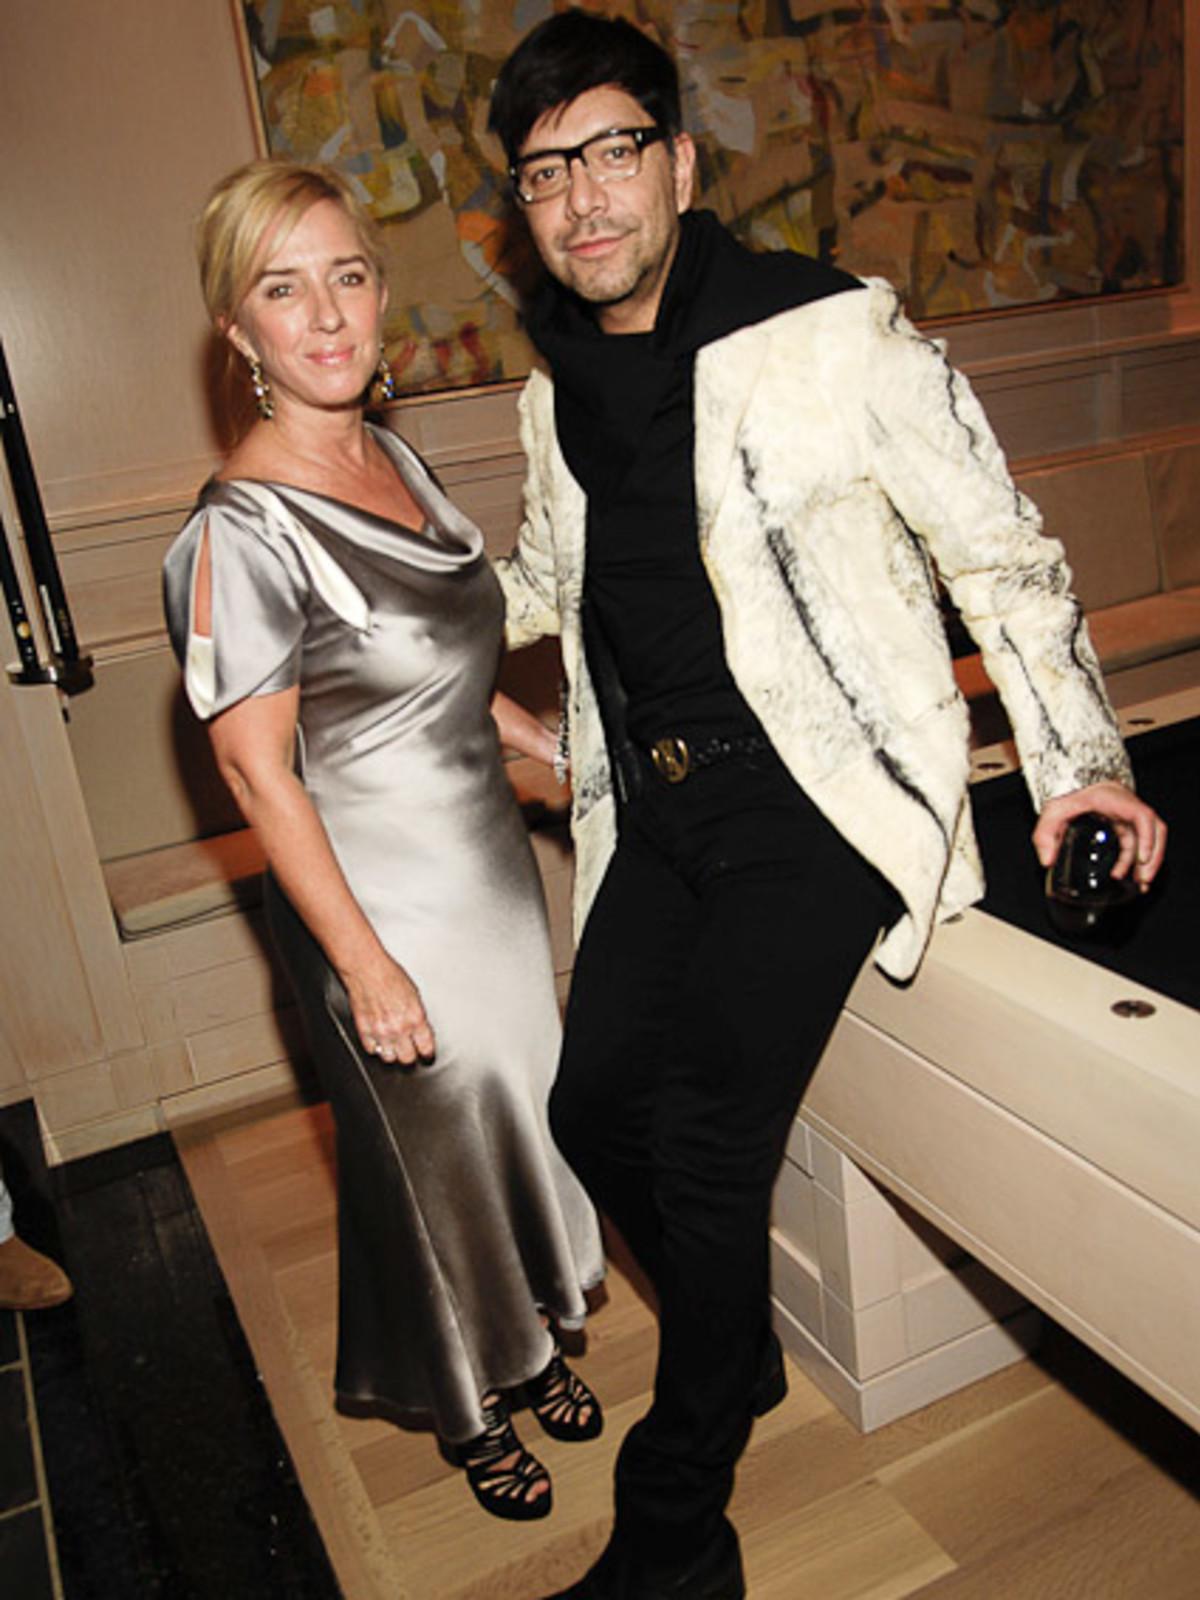 News_Vogue at Becca_Feb. 2010_Renea Abbott_Ceron